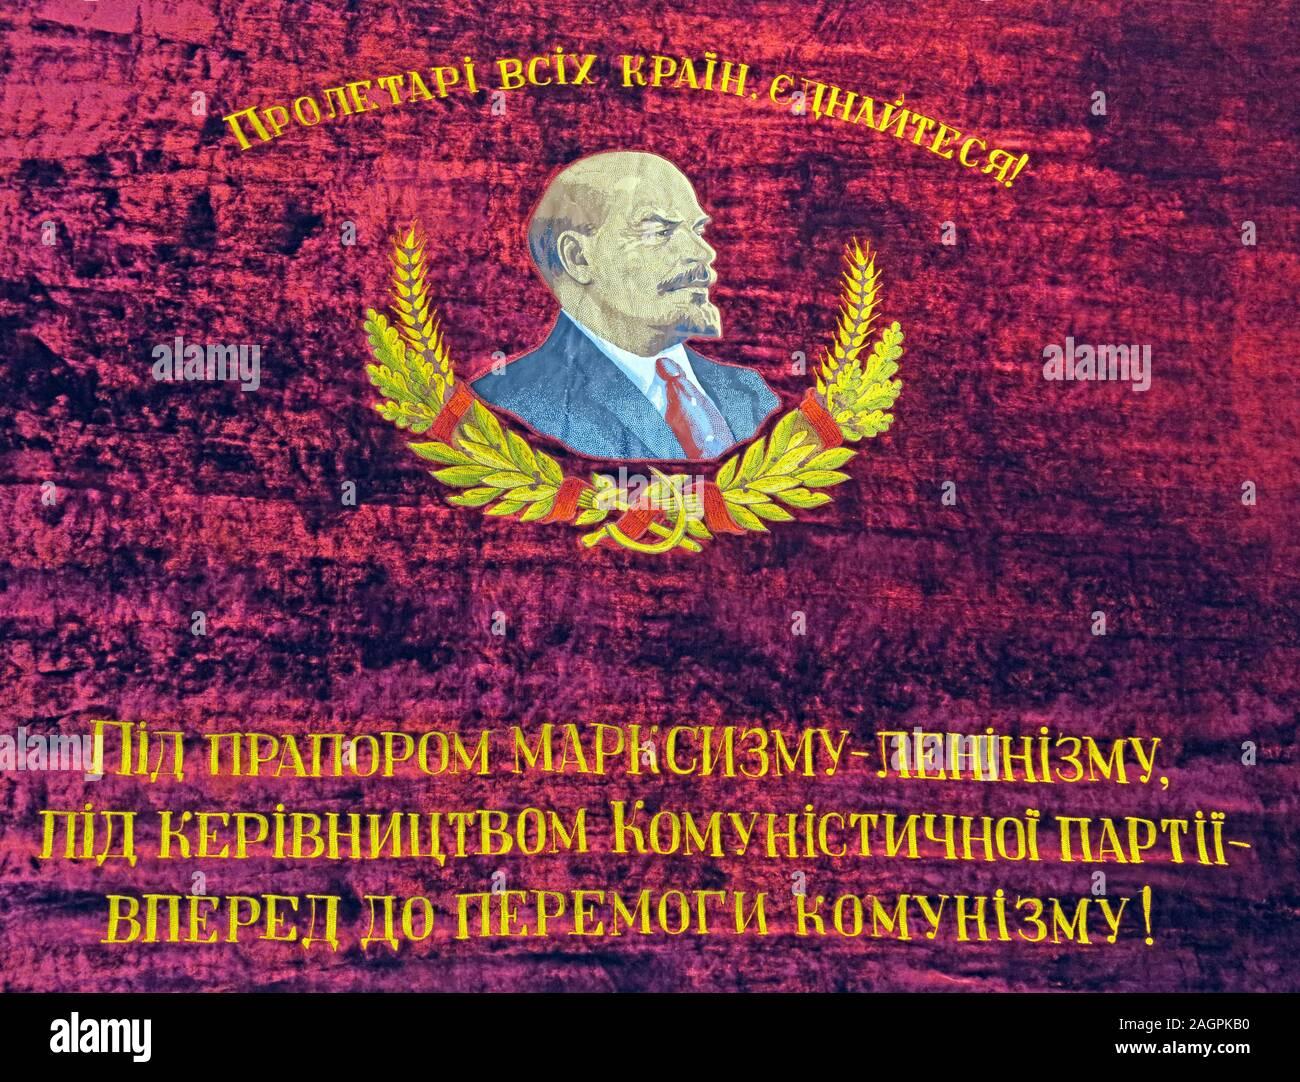 Dieses Stockfoto: Lenin, die Welt in den Kommunismus, vorwärts in den Kommunismus zu übertragen - 2AGPKB